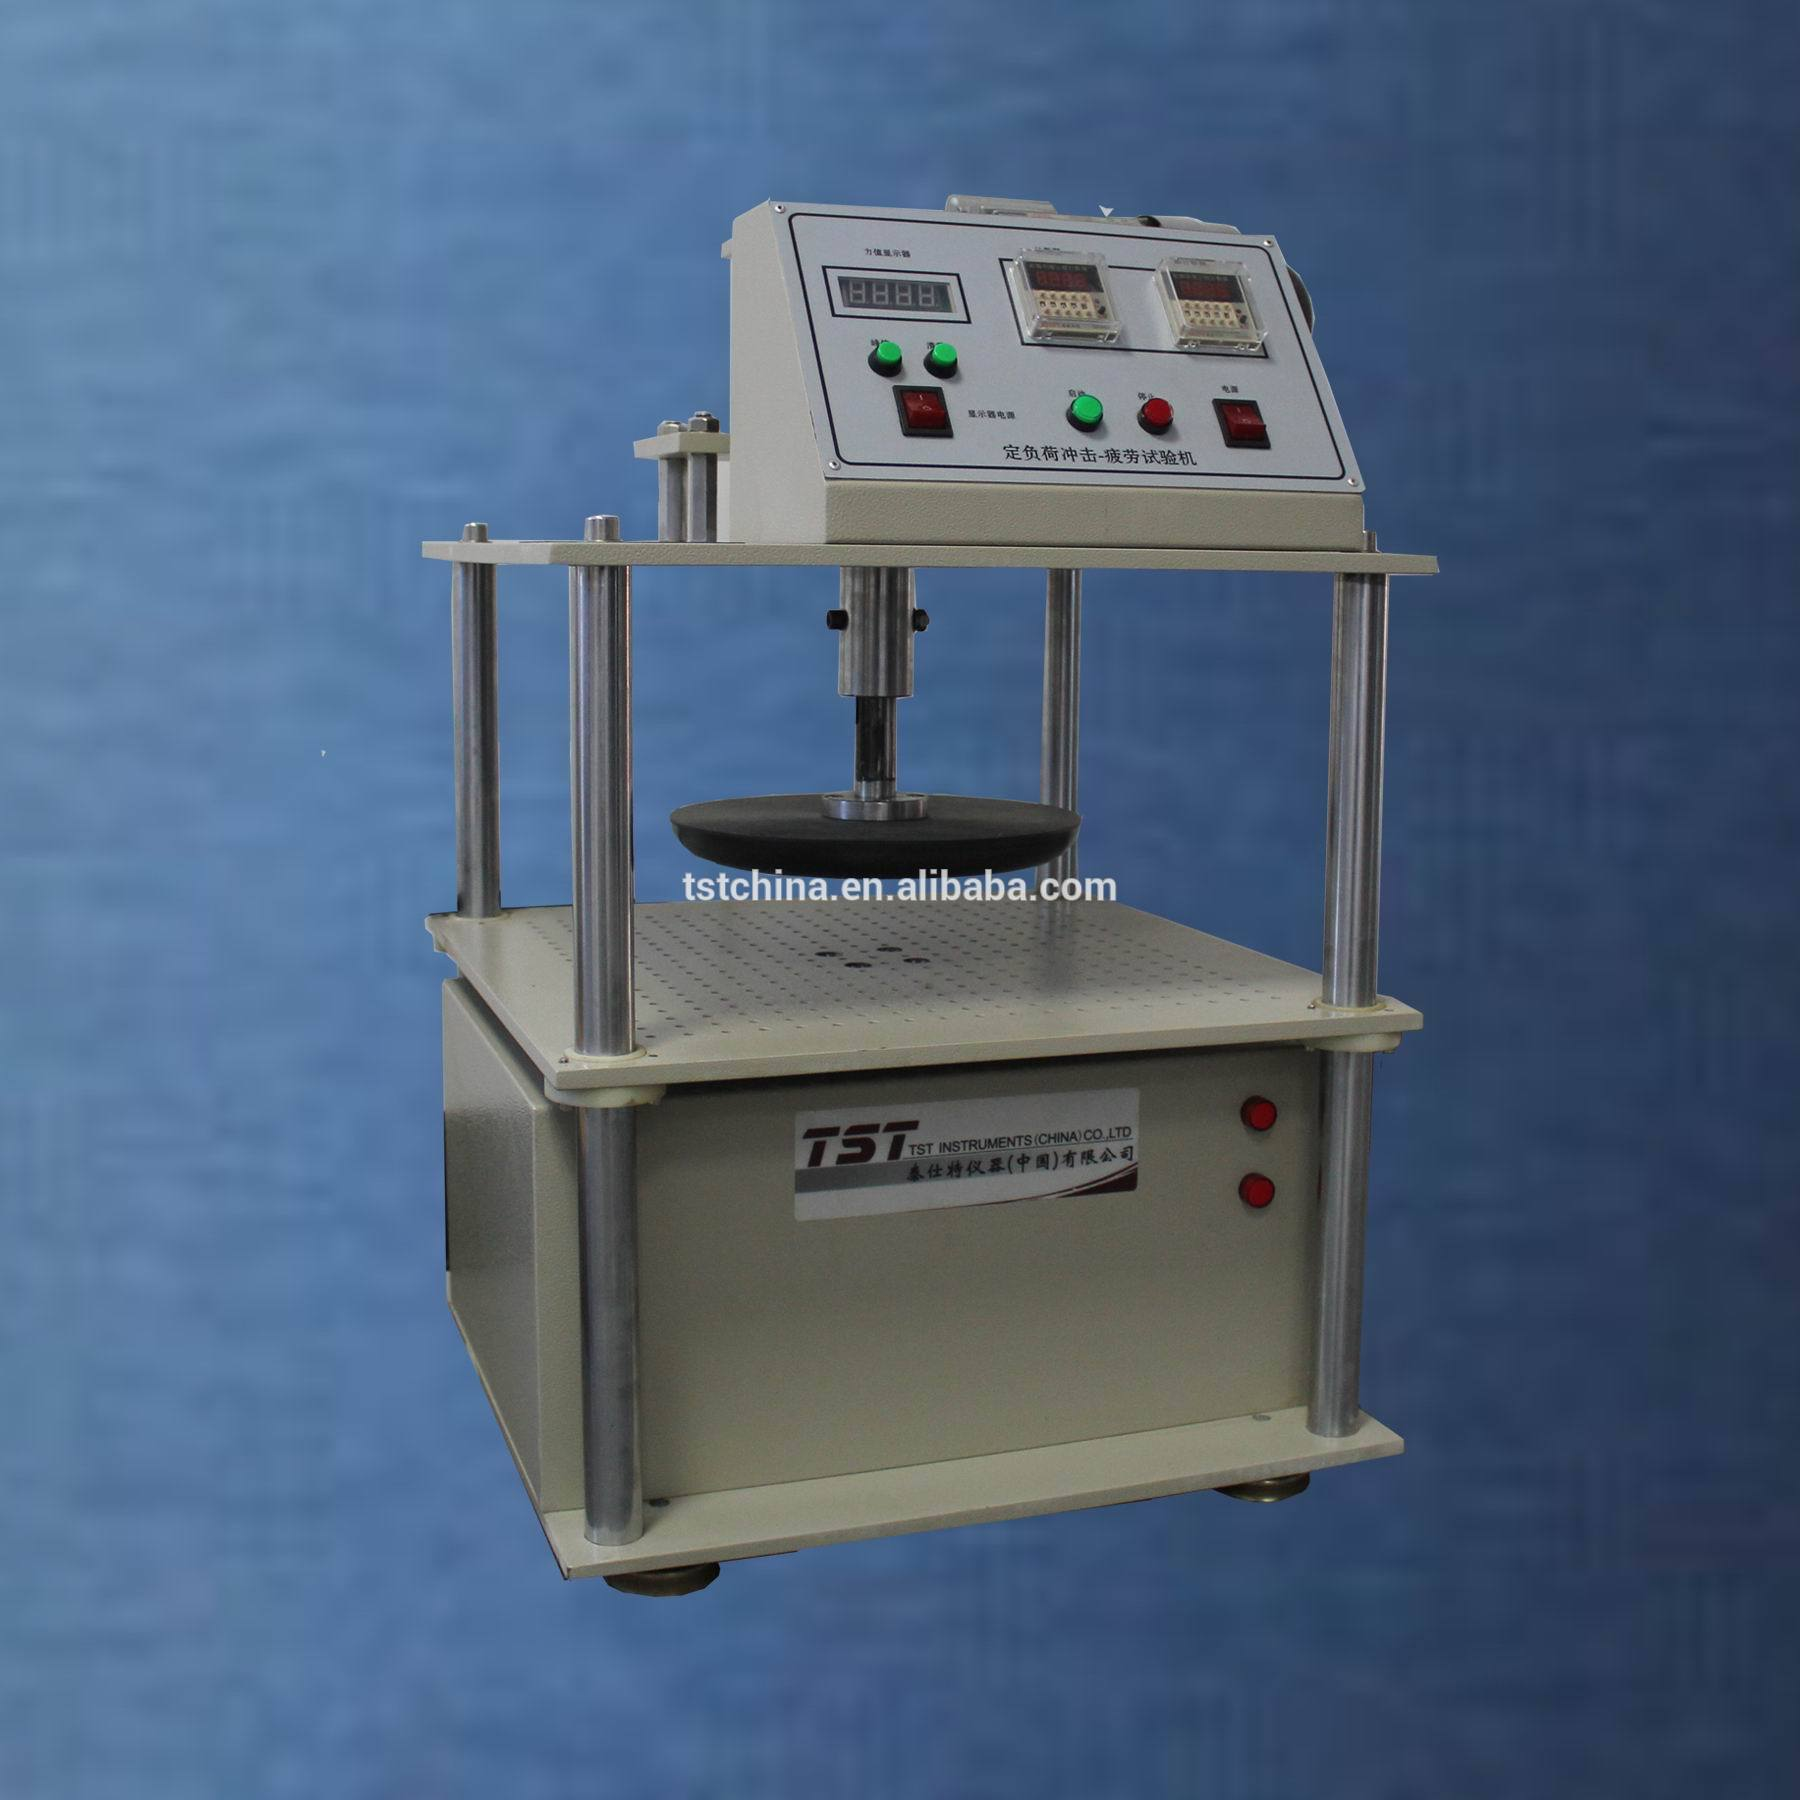 泡沫压缩测试仪通过恒定的捣碎泡沫疲劳测试设备